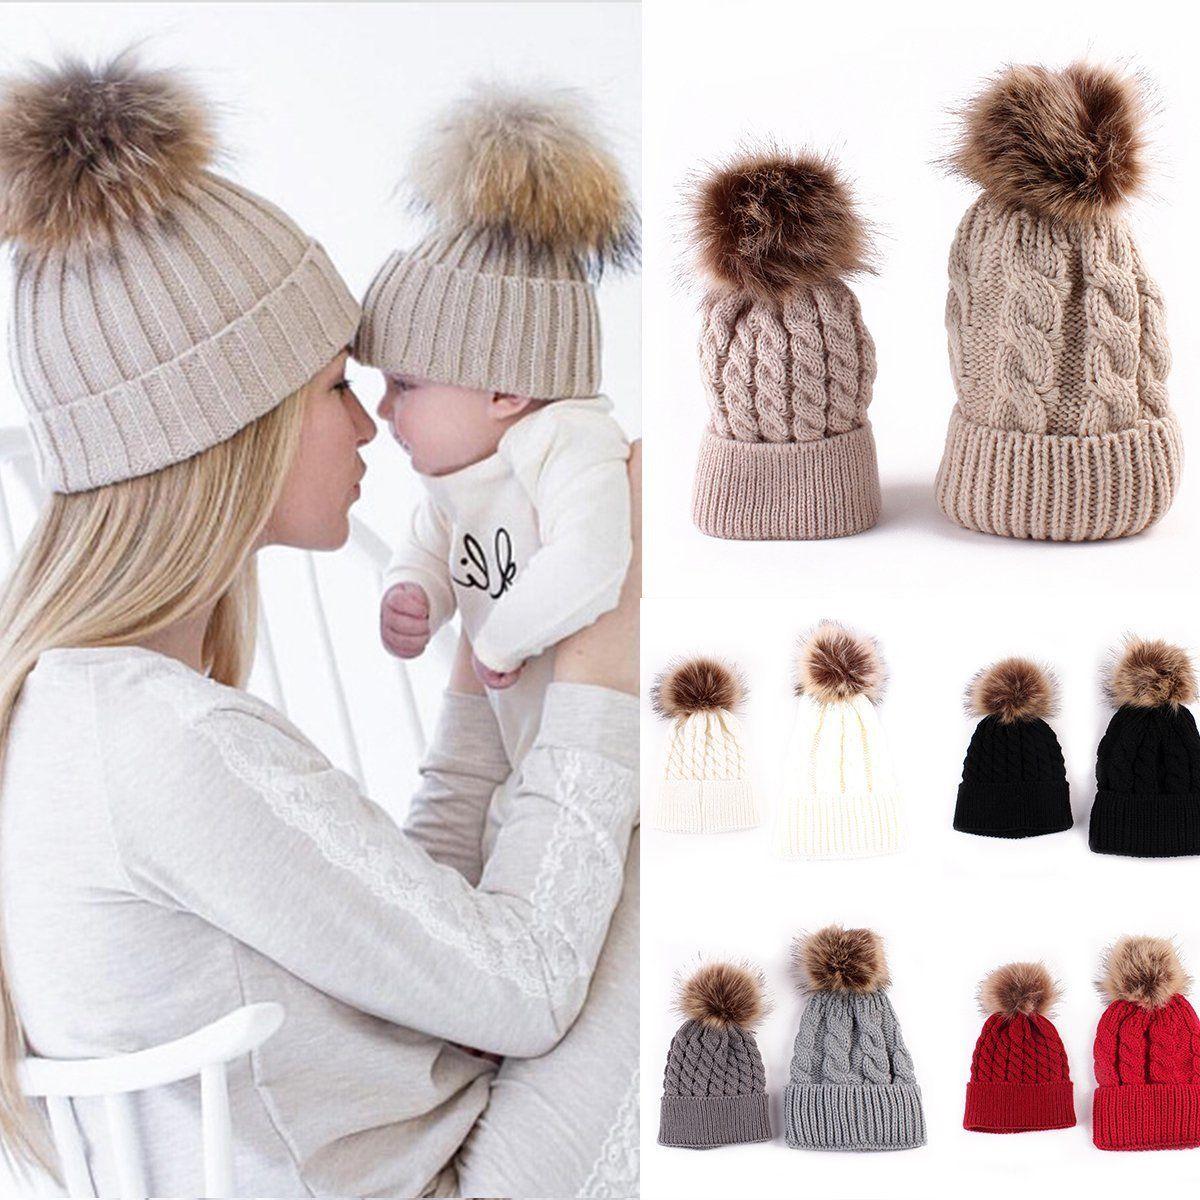 5964fd0df 2PCS/Set Mother & Kids Warm Knit Crochet Fur Ball Beanie Cap ...